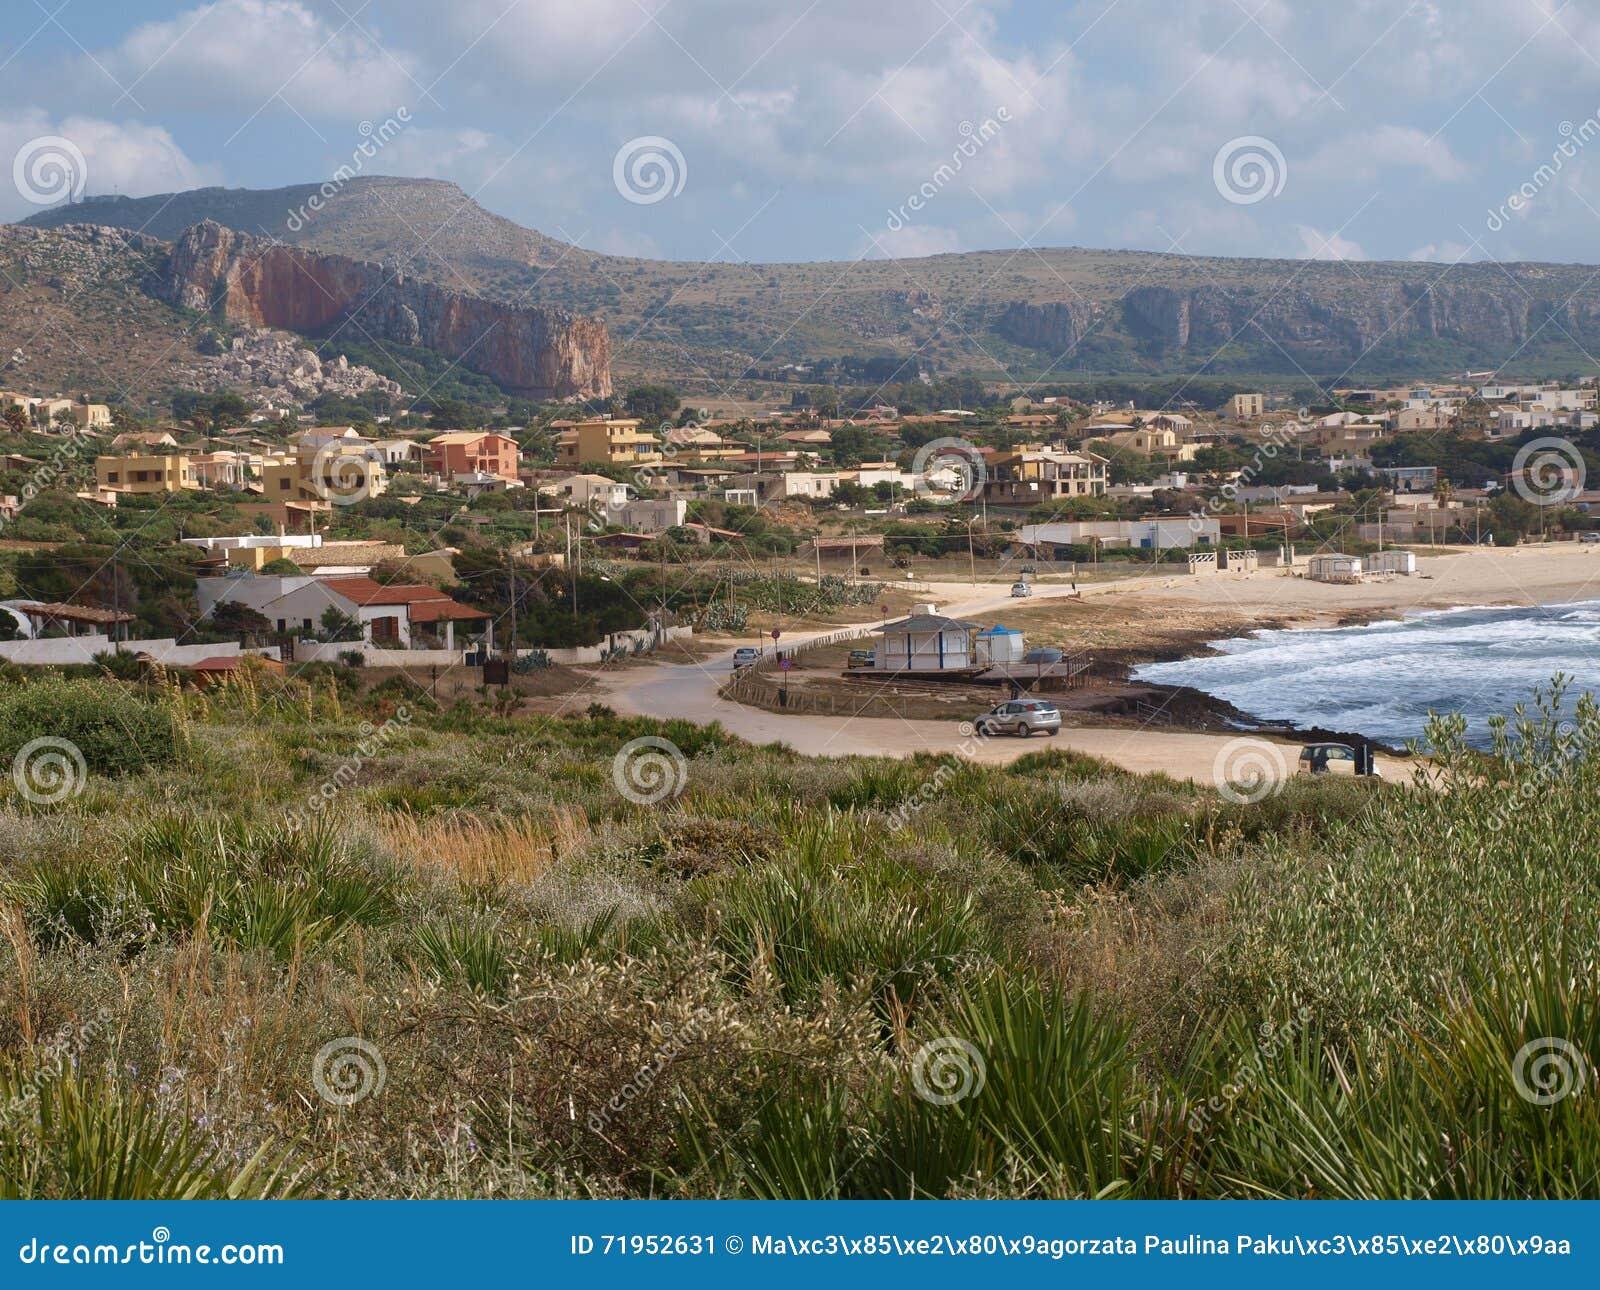 Cornino, Sicily, Italy